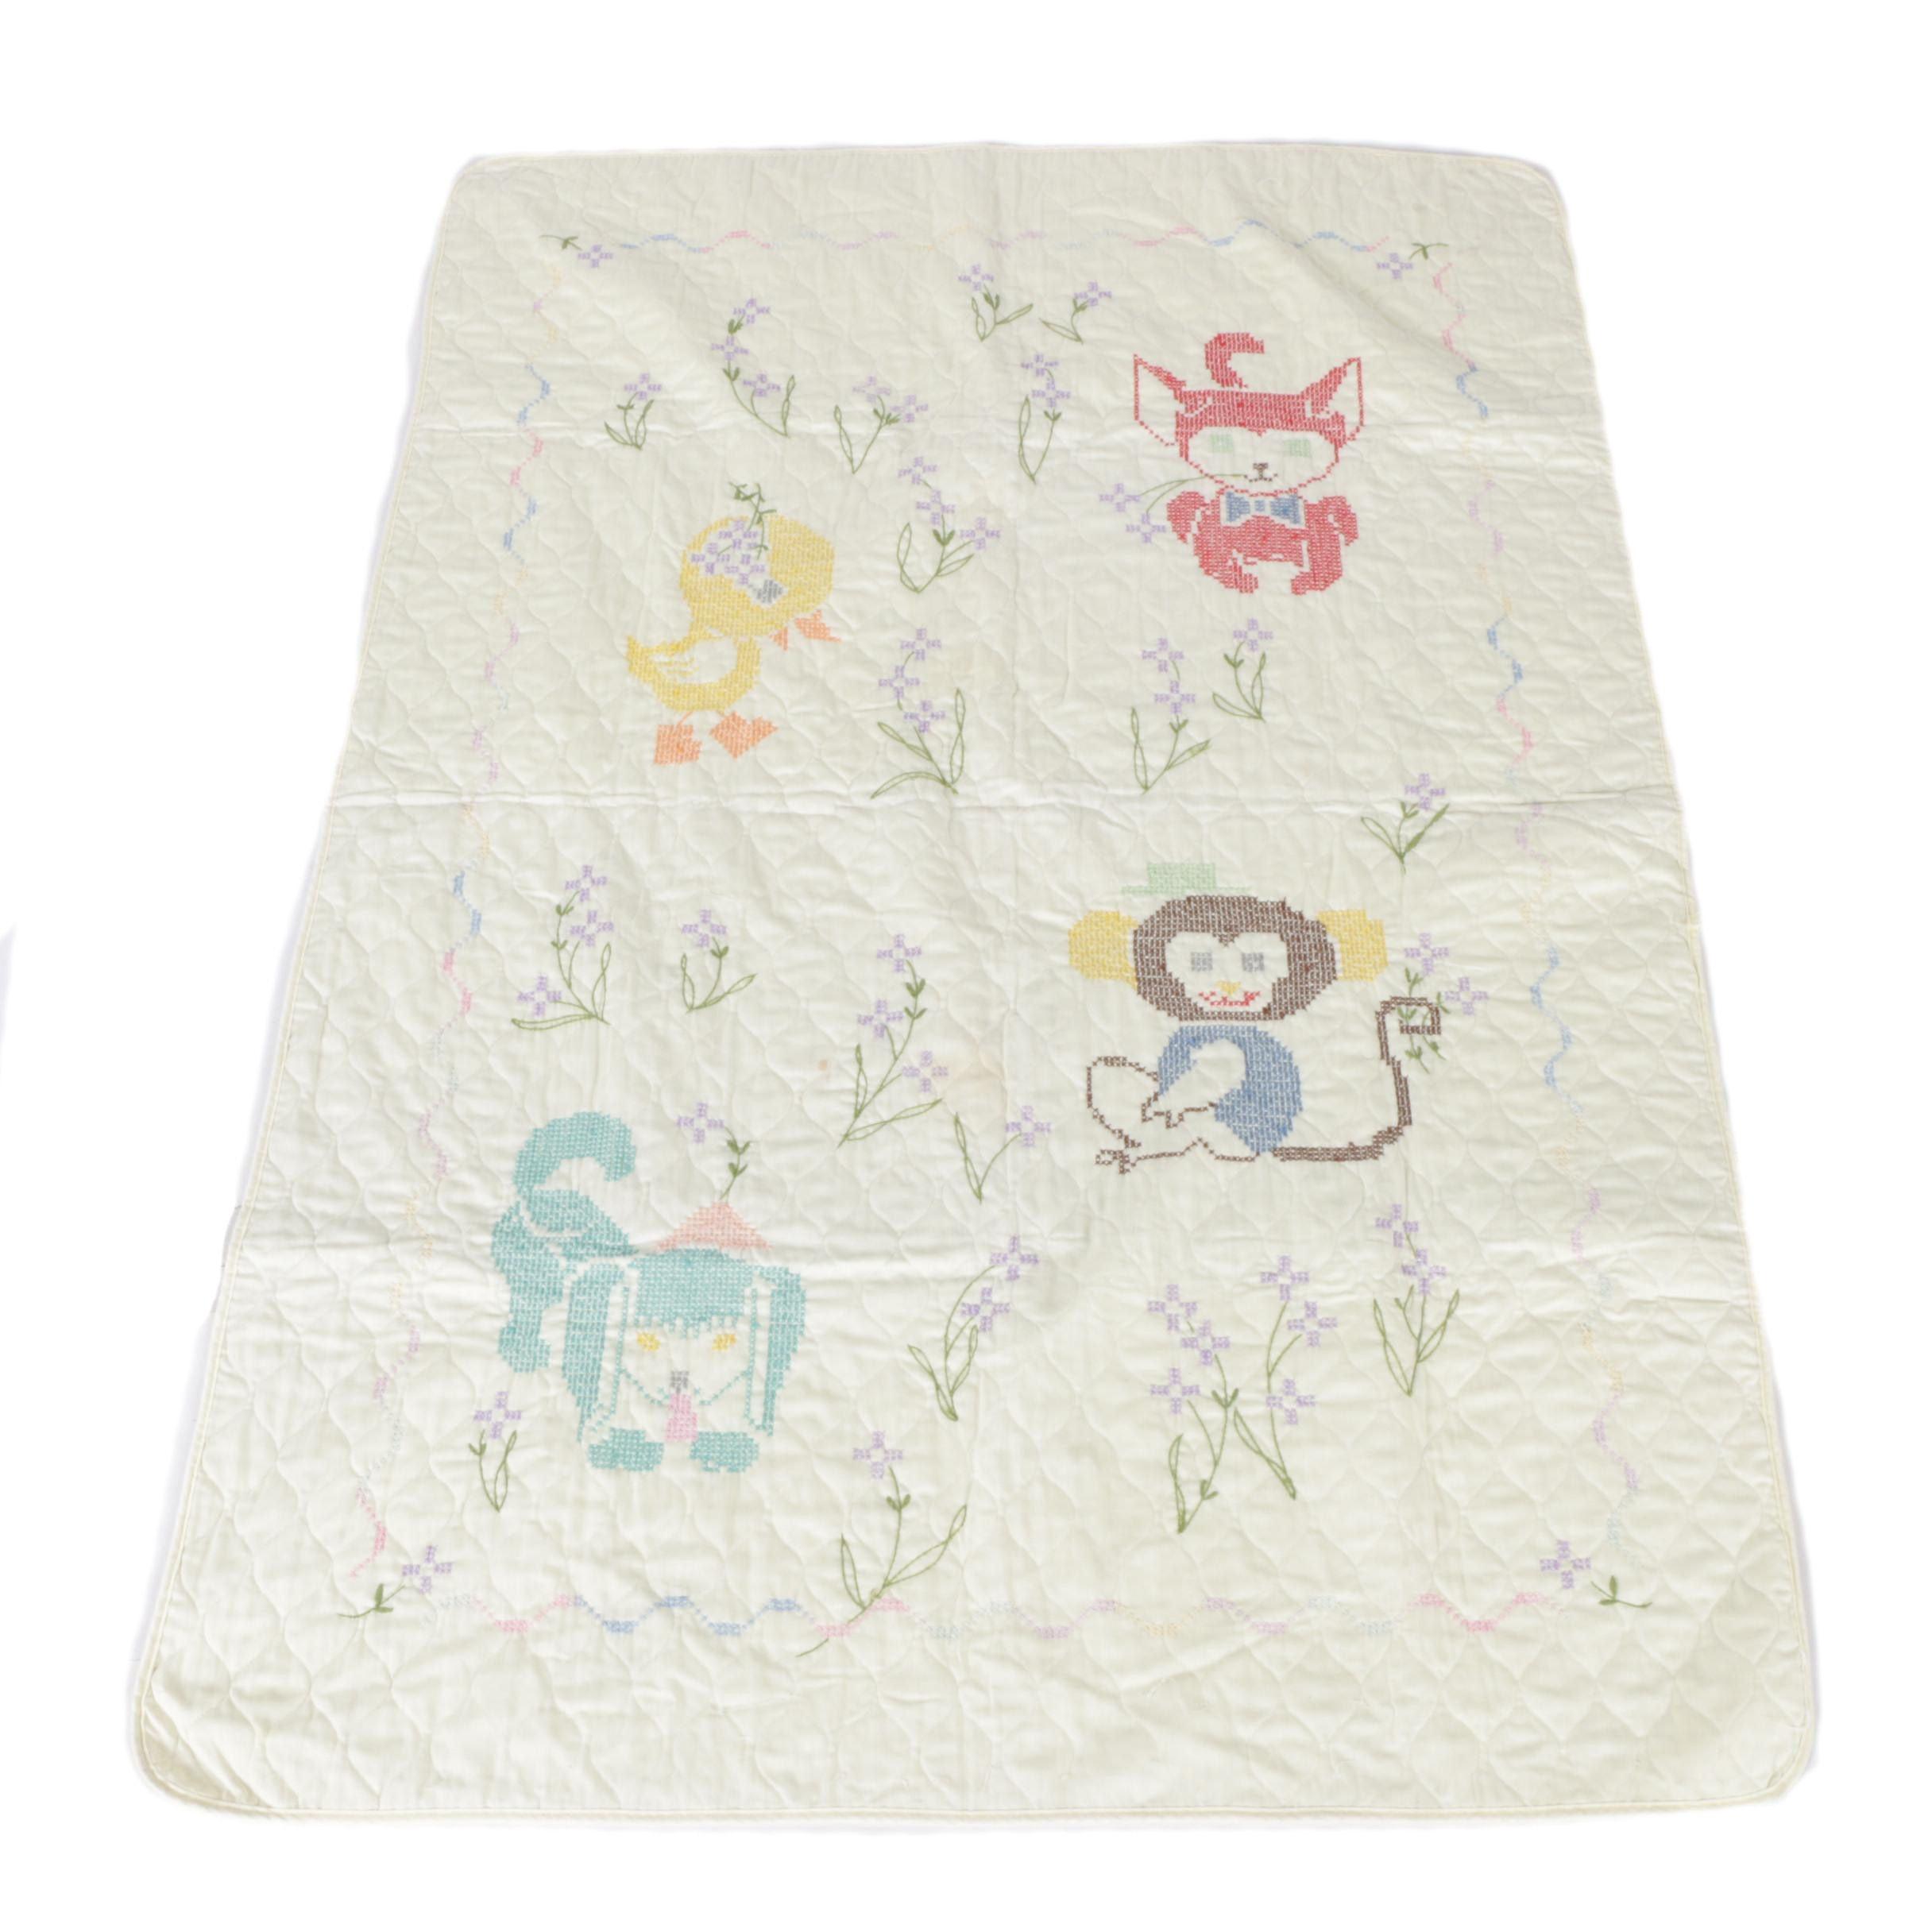 Vintage Cross Stitch Baby Quilt